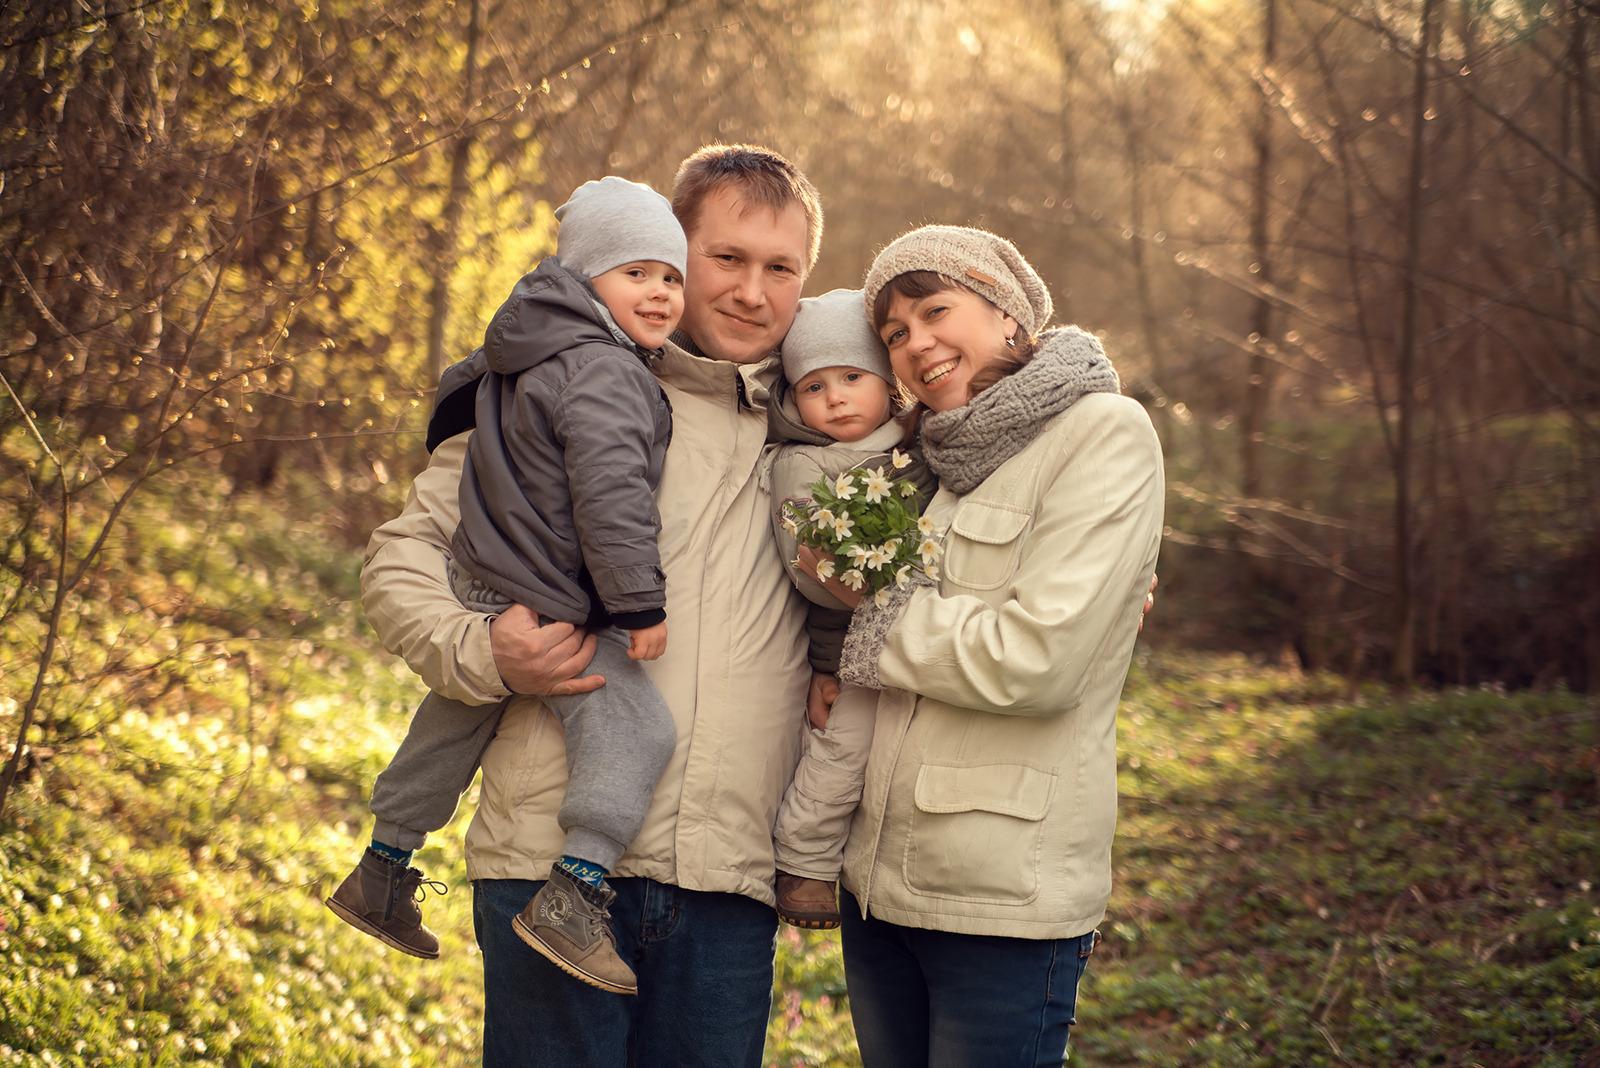 распространенными фото семьи на природе весной яичную